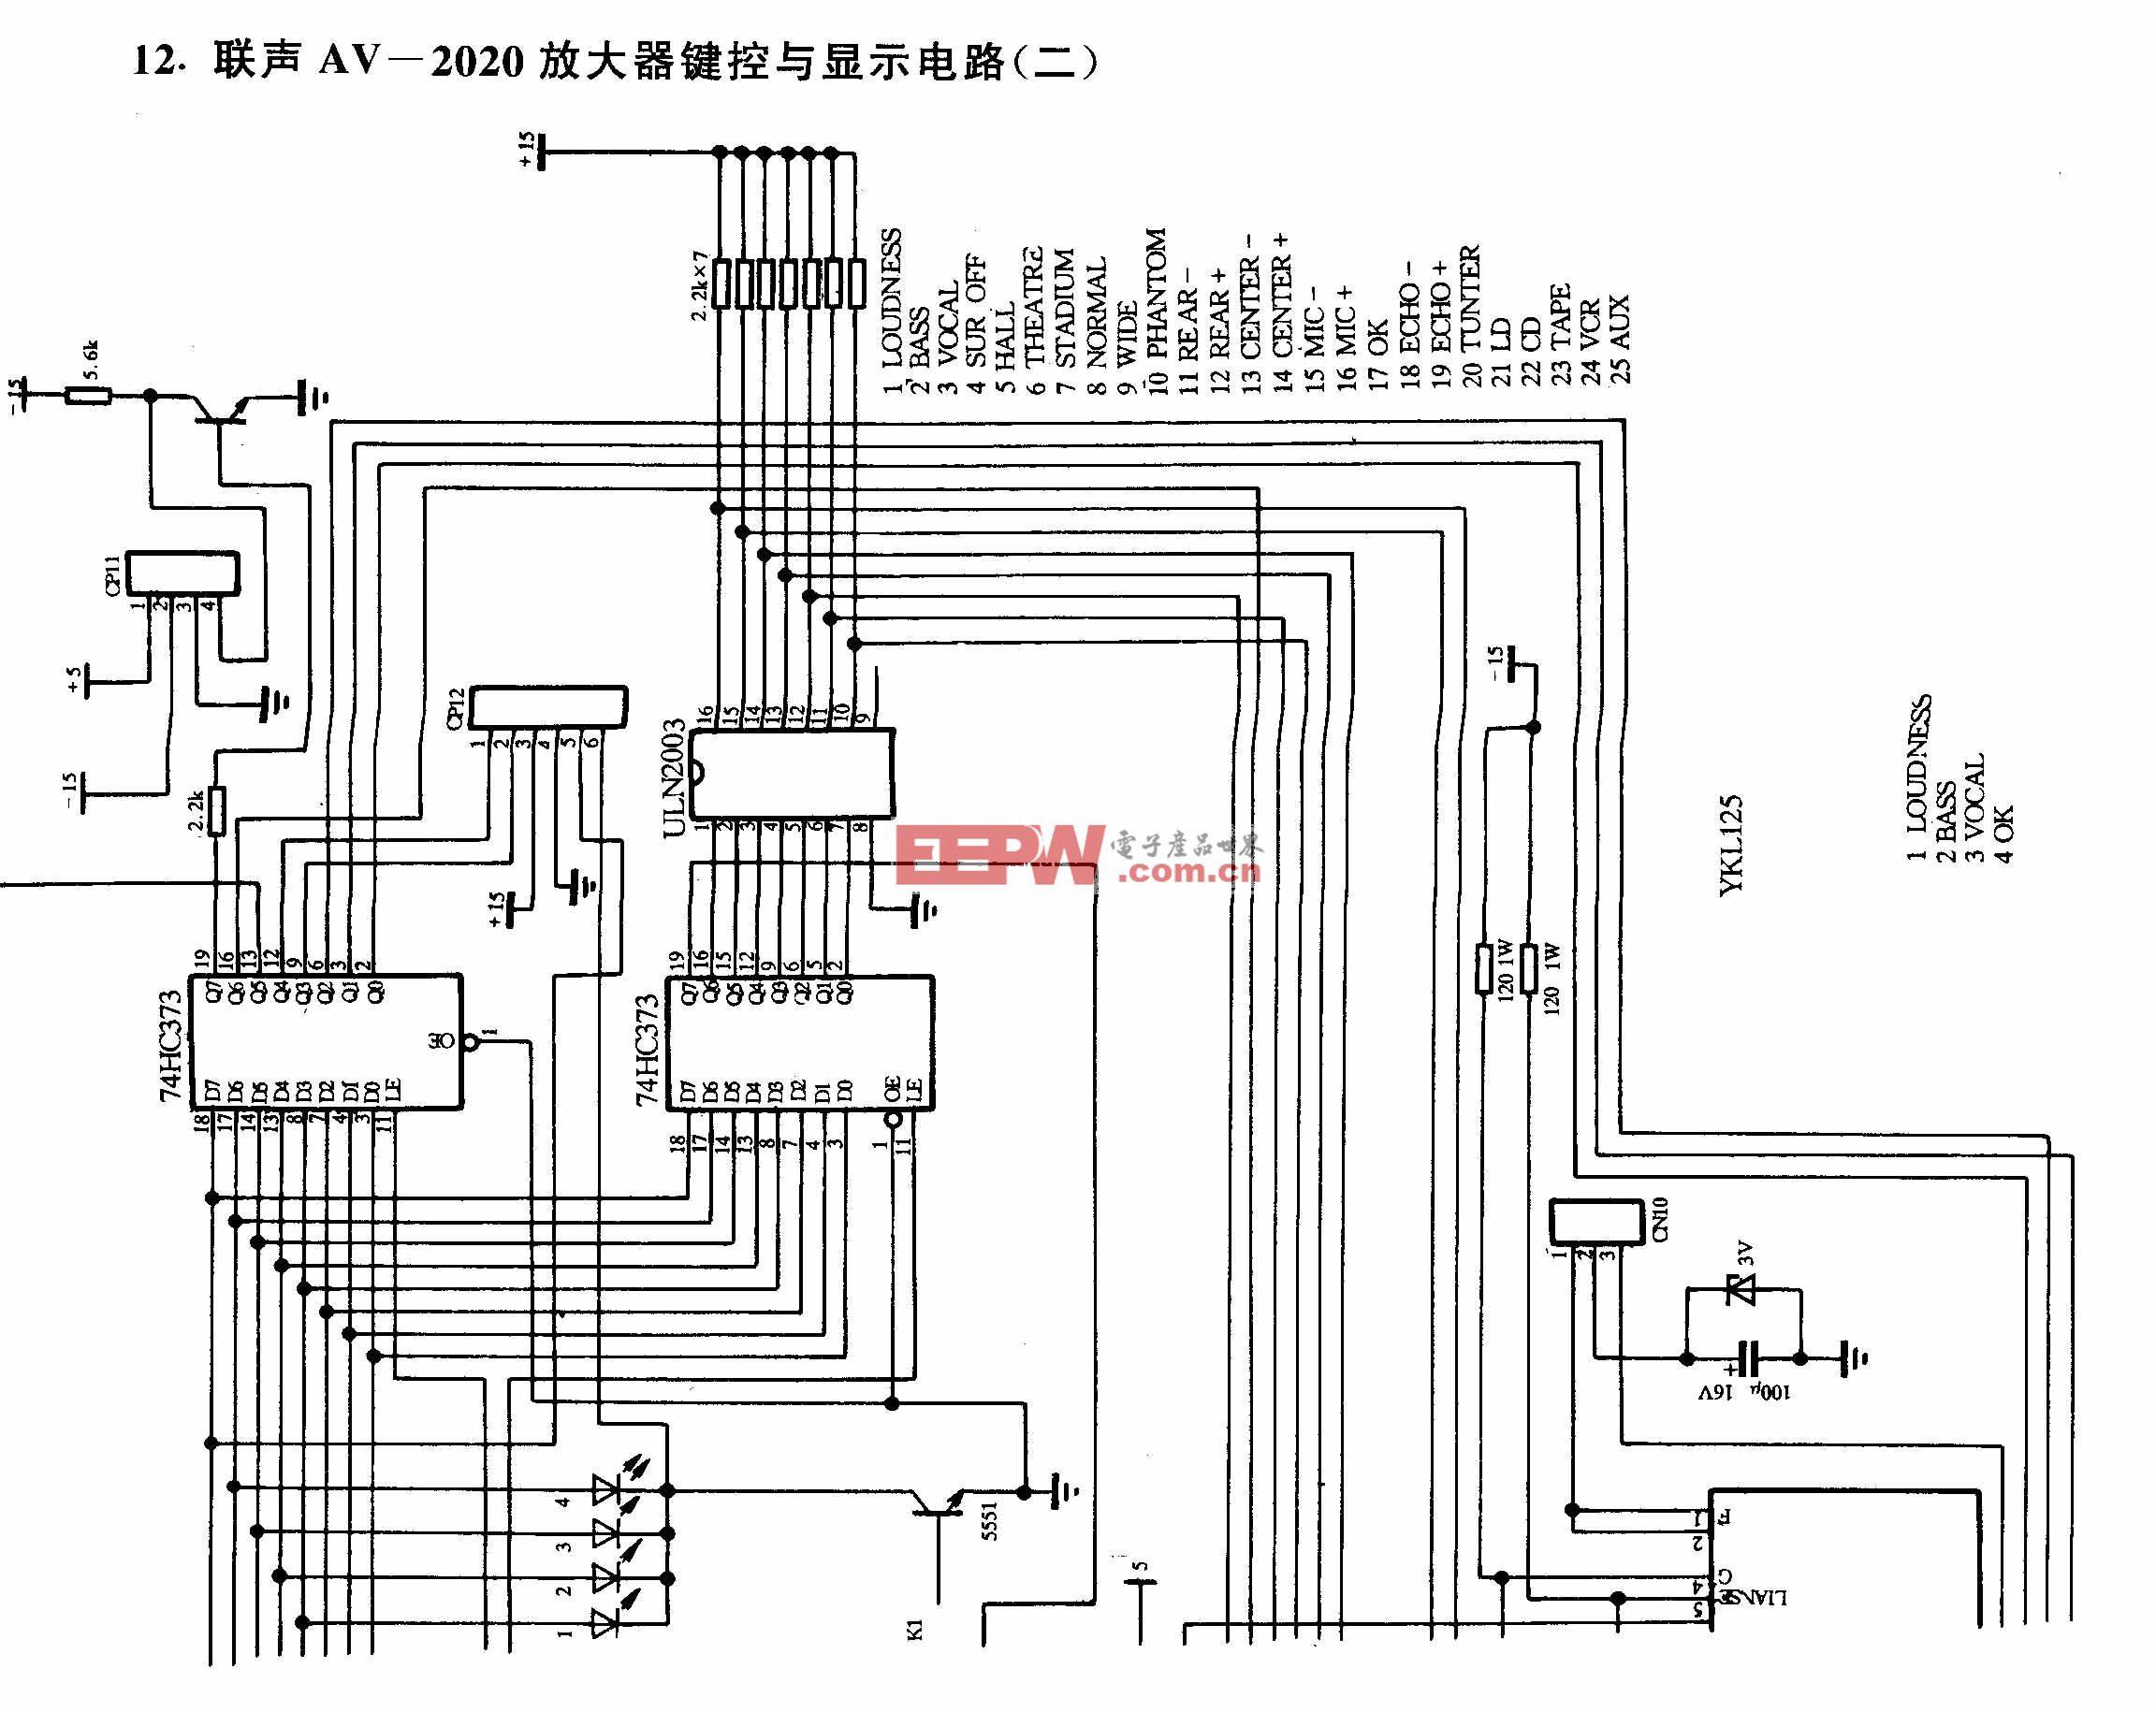 联声AV-2020放大器键控与显示电路(二)